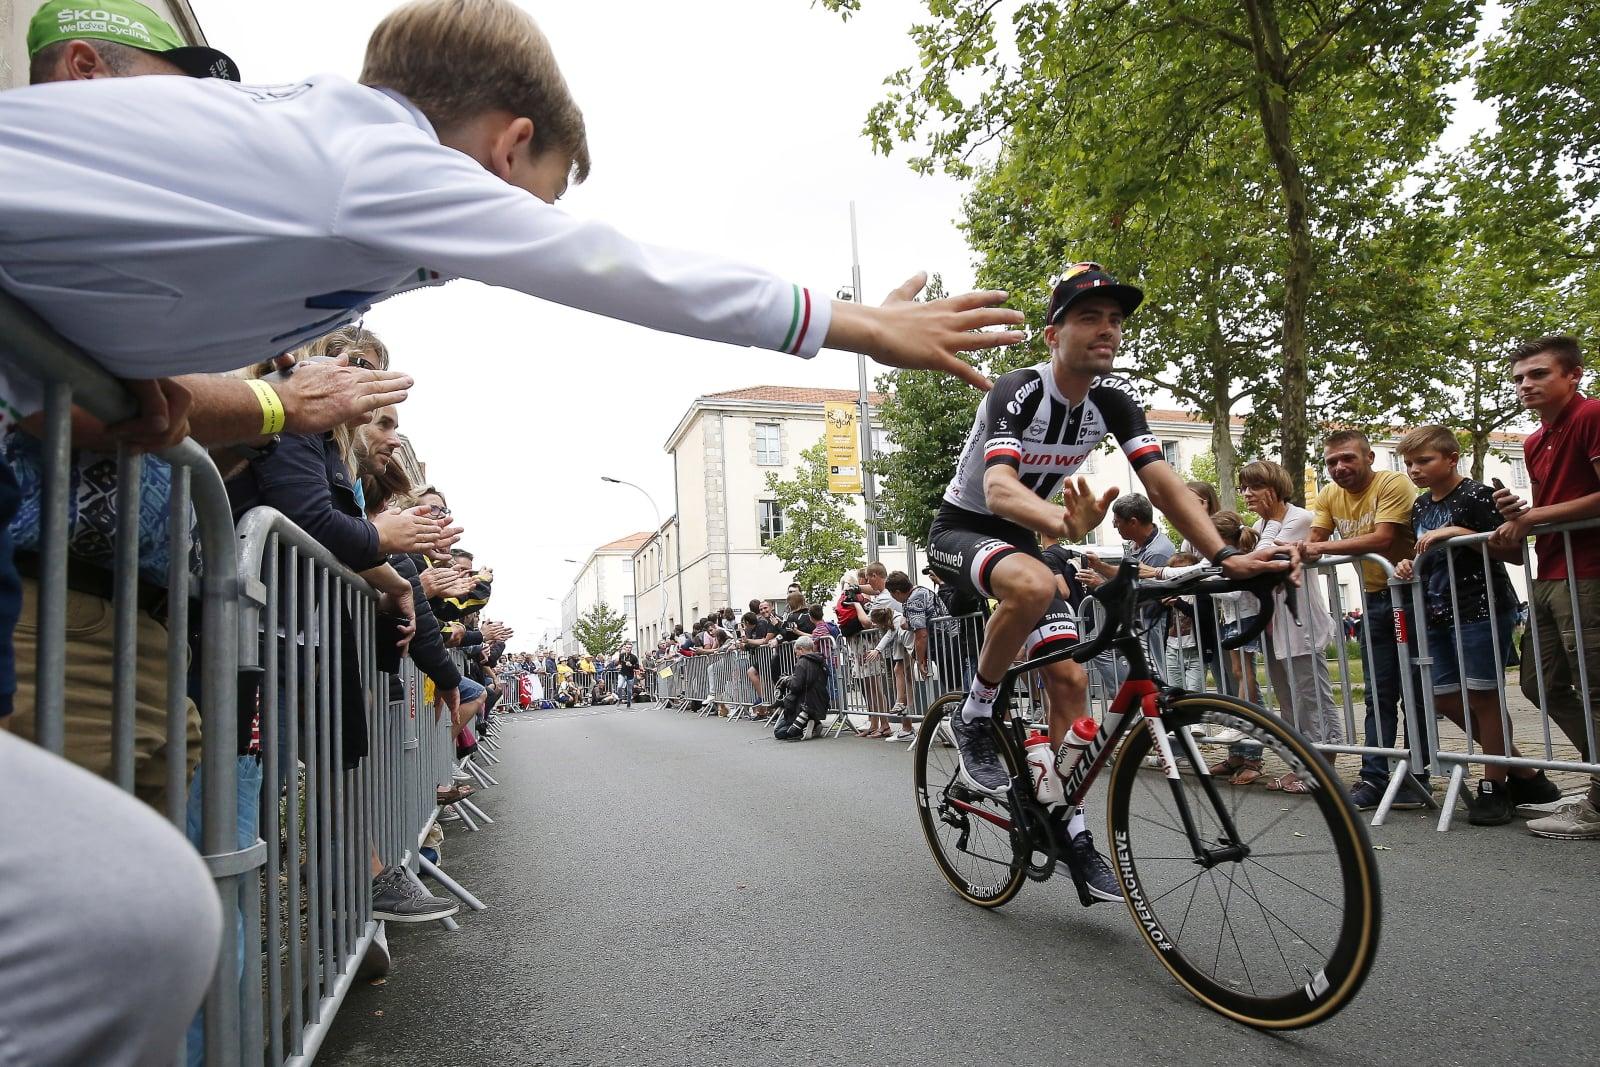 Tour de France 2018 EPA/SEBASTIEN NOGIER